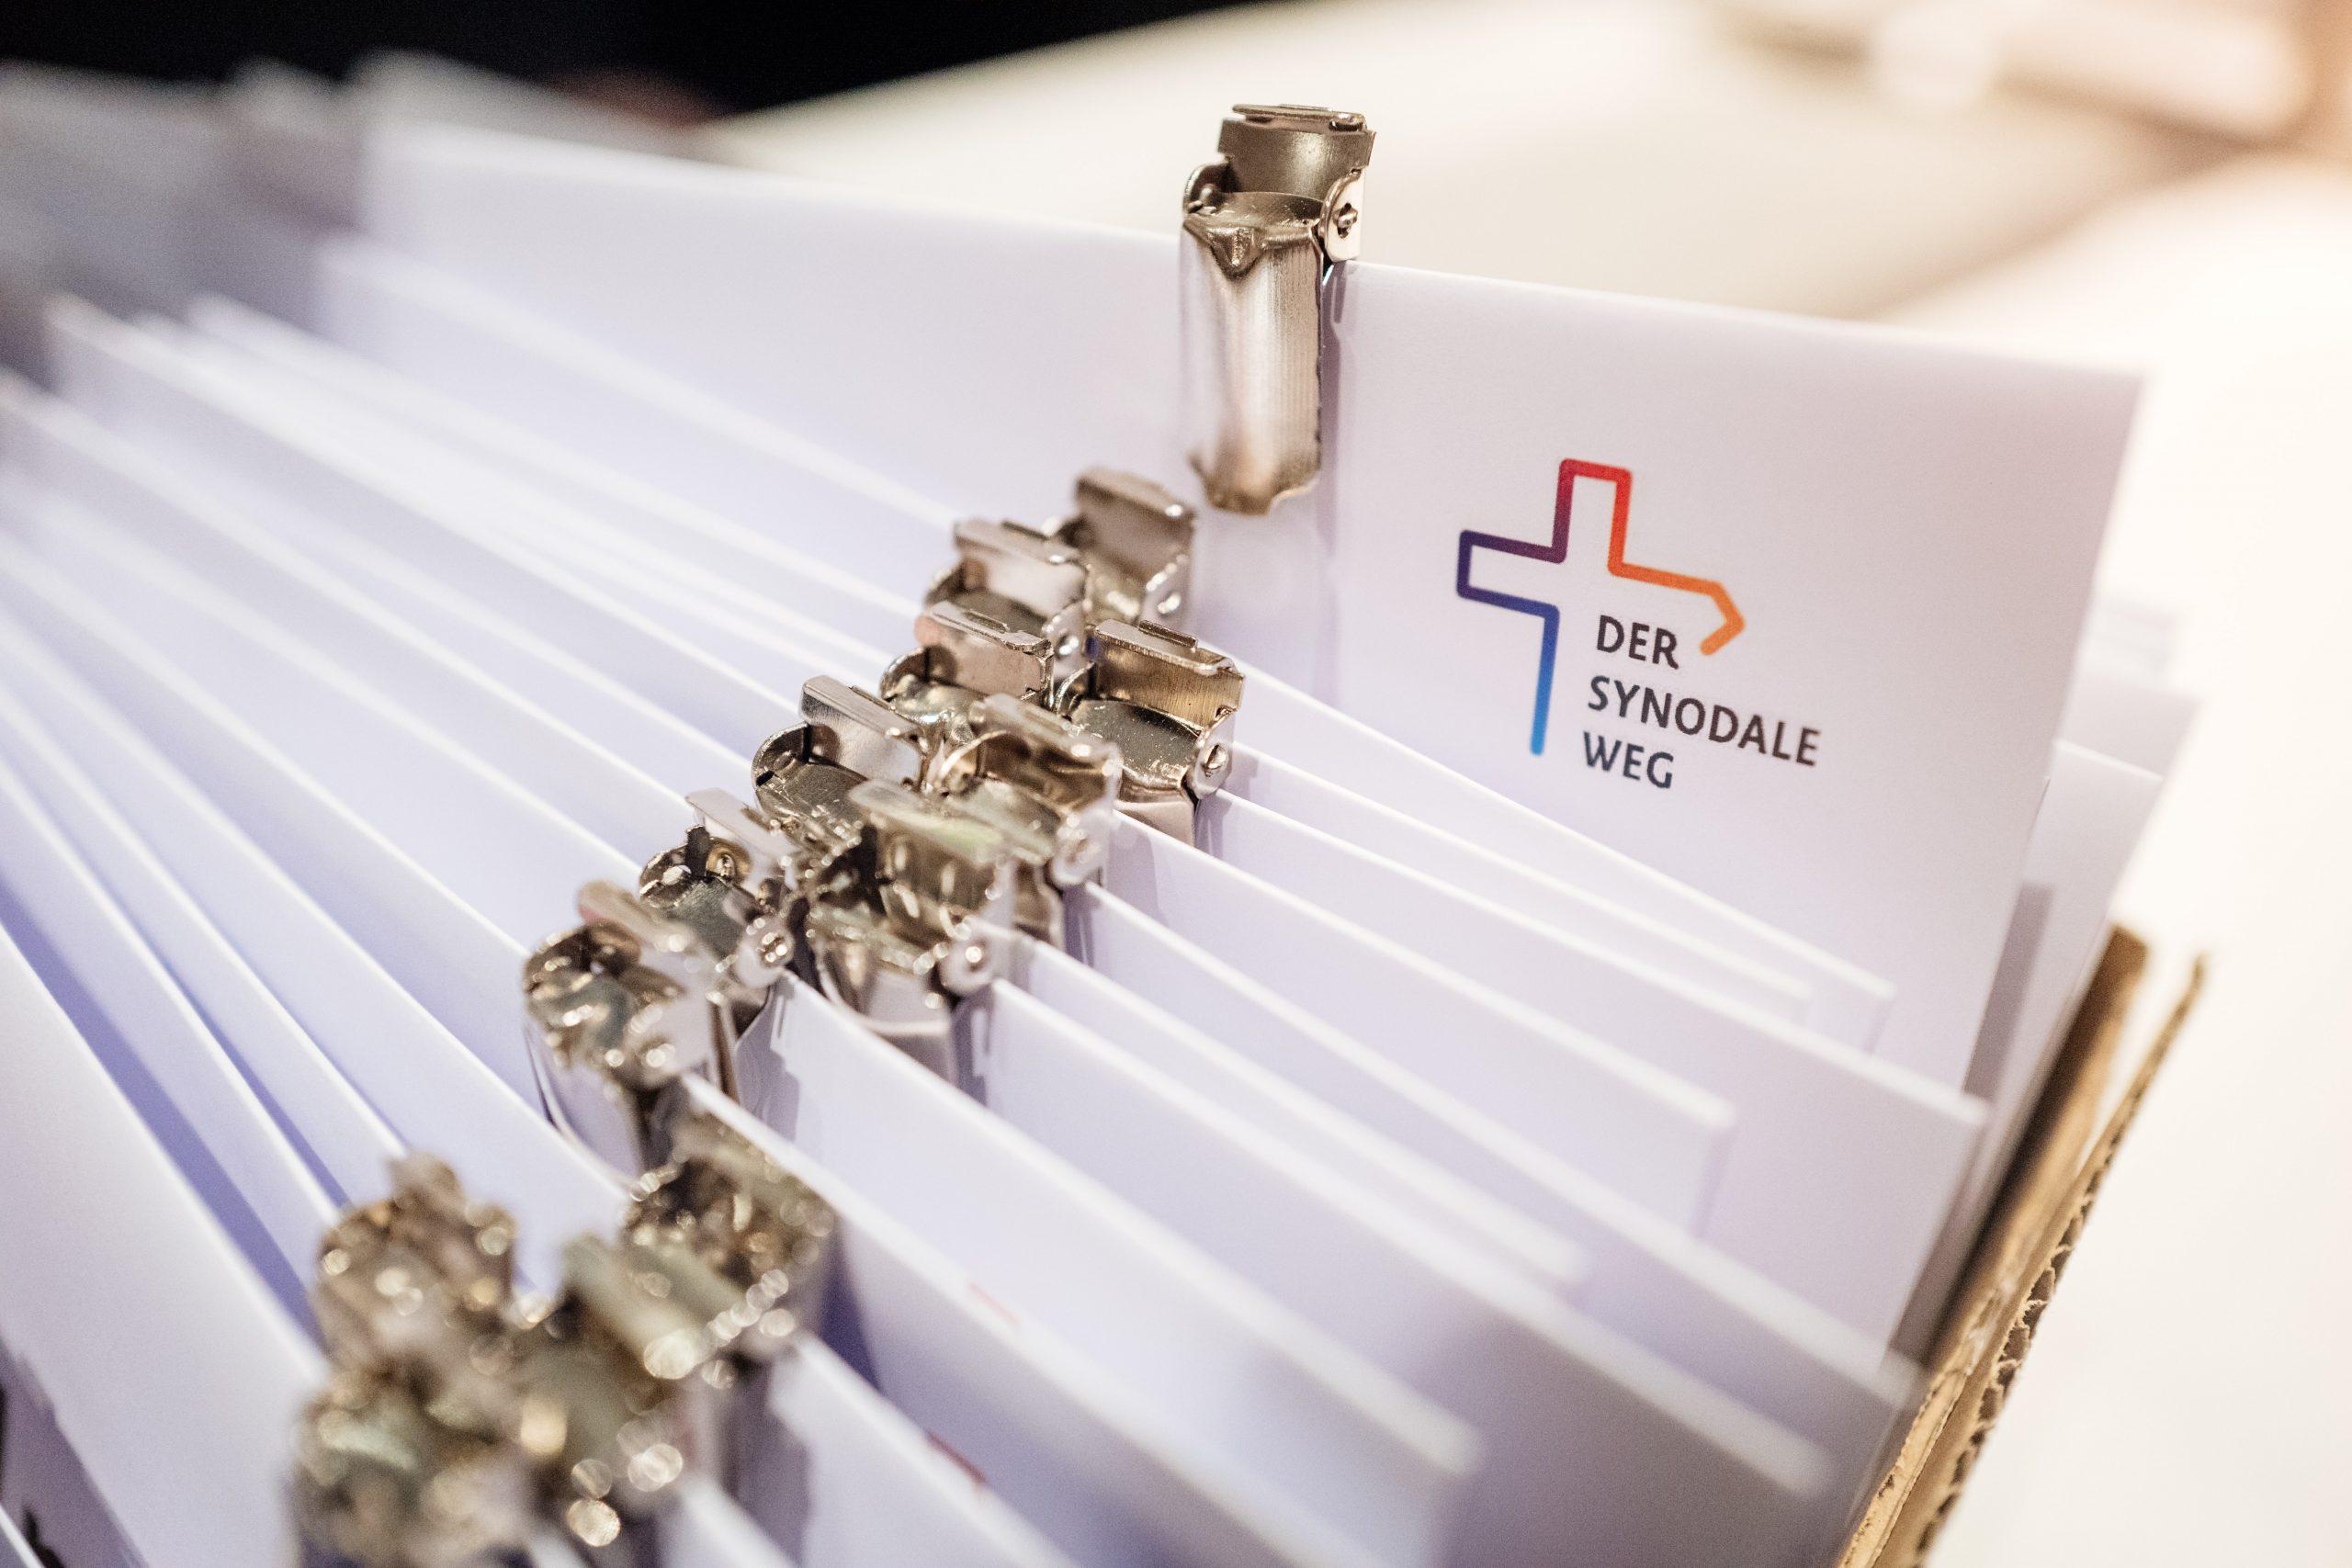 zap-workingpaper #14 veröffentlicht: Ihre Stimme zum Synodalen Weg